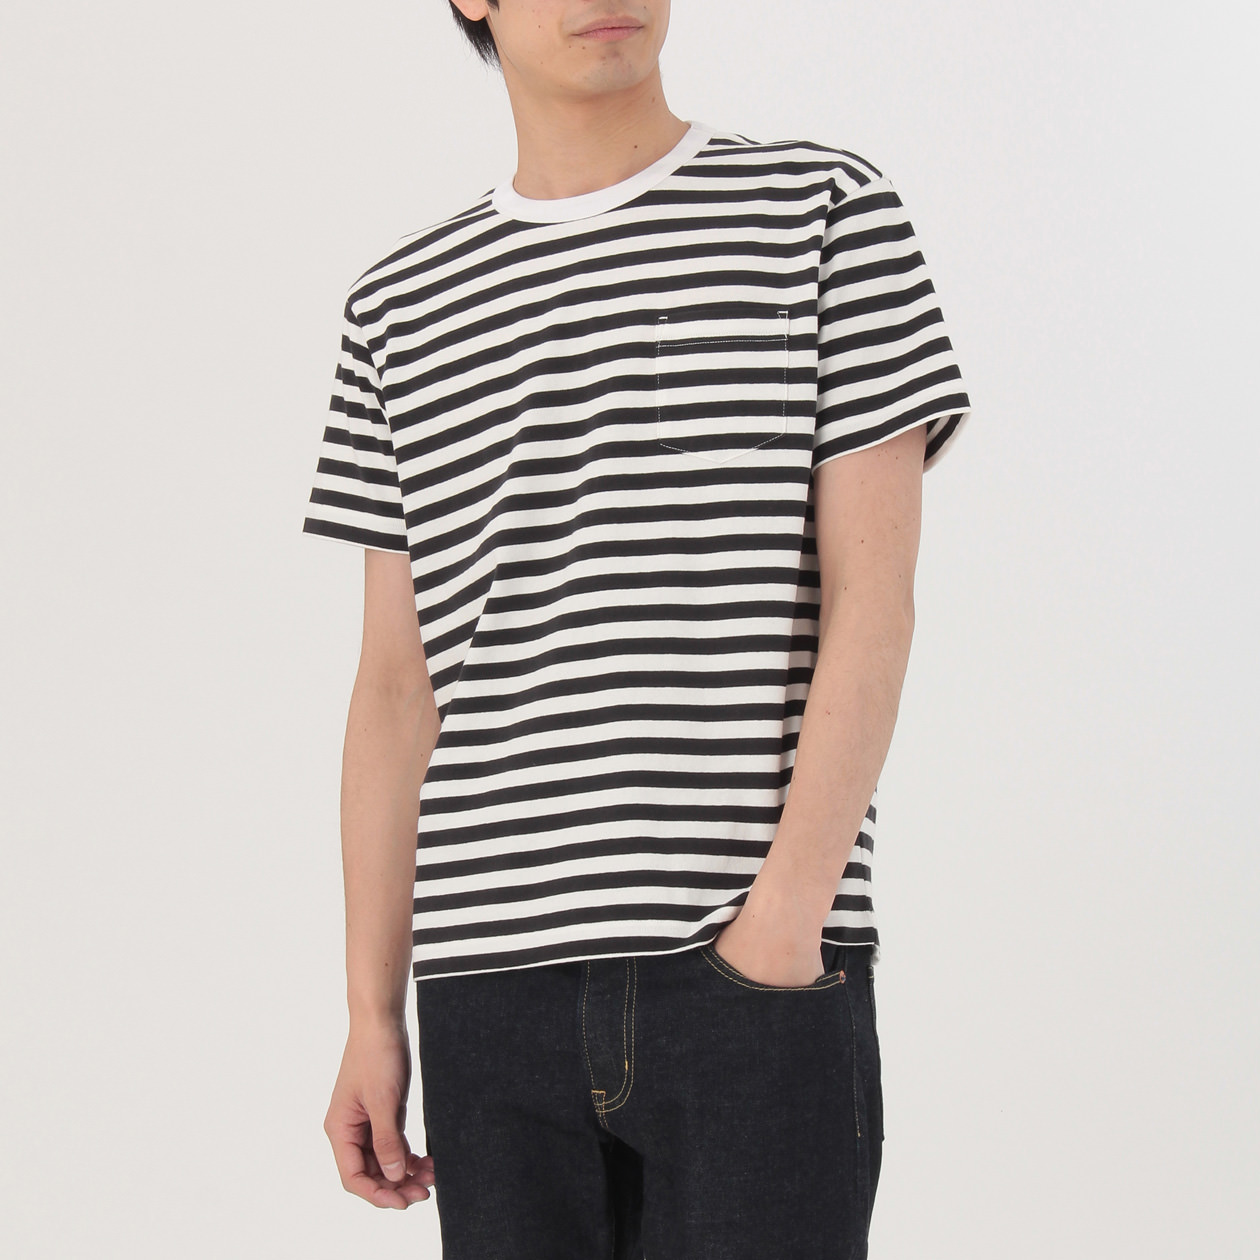 無印良品 | オーガニックコットン太番手ボーダーポケット付き半袖Tシャツ紳士XS・グレー×ボーダー 通販